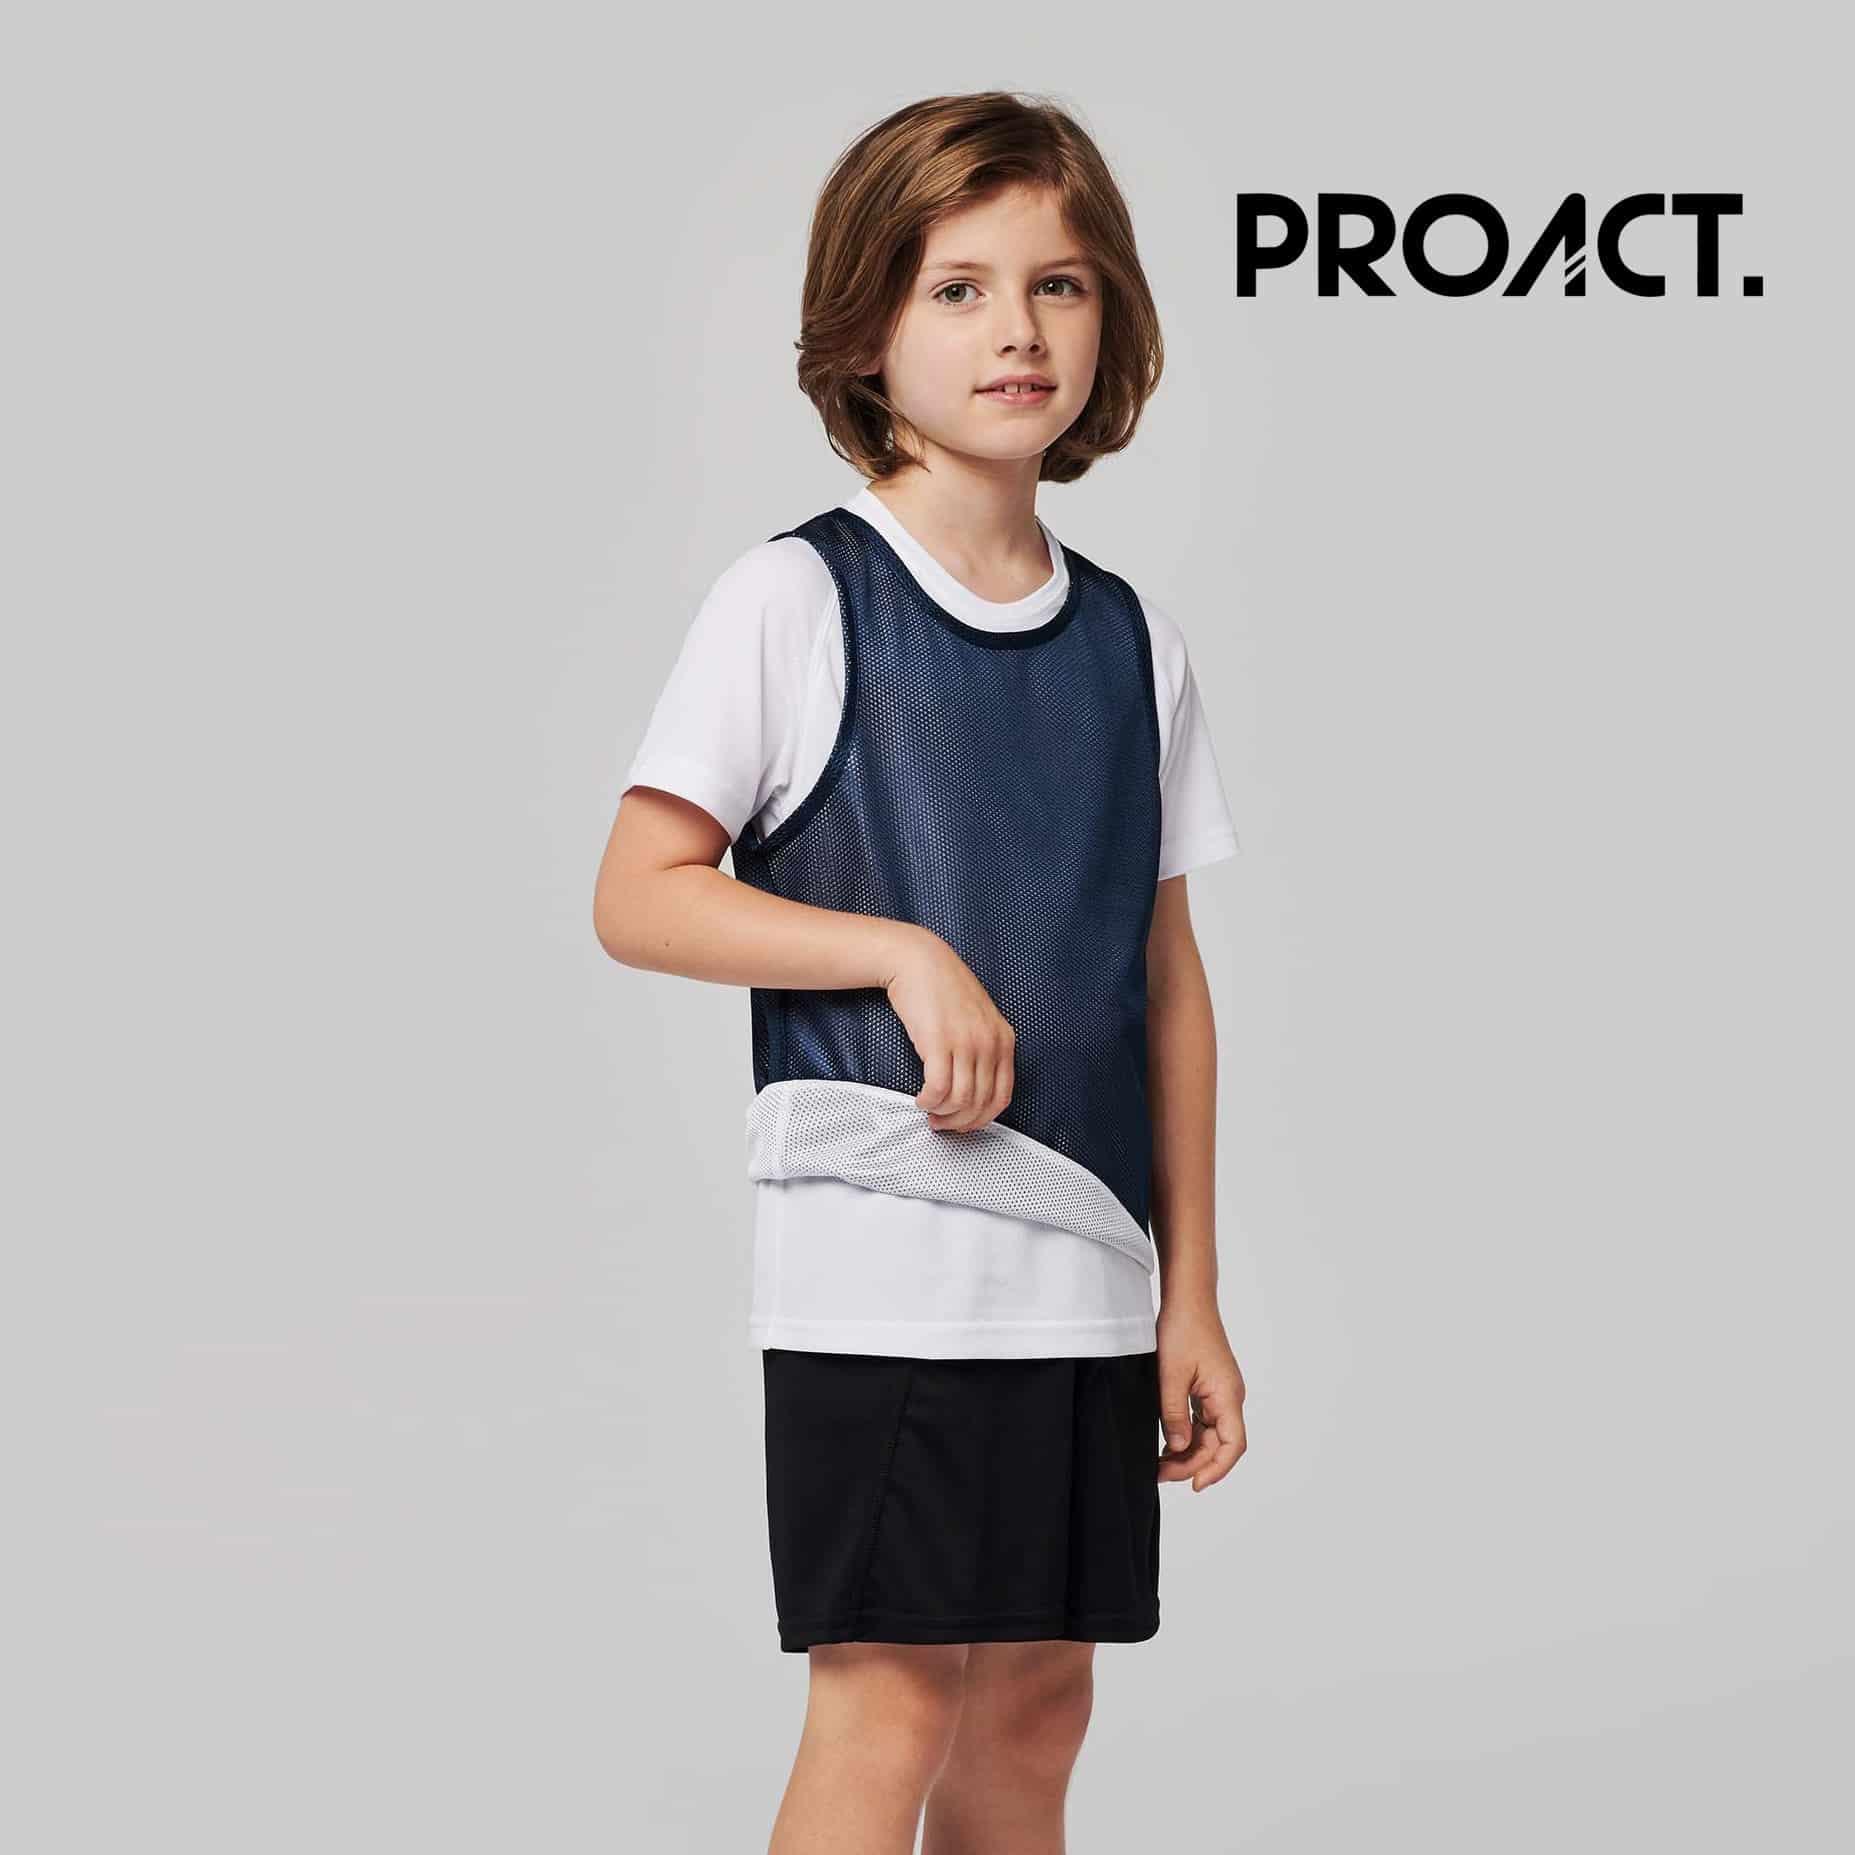 Bambino con pettorina blu 100% poliestere con rete perforata